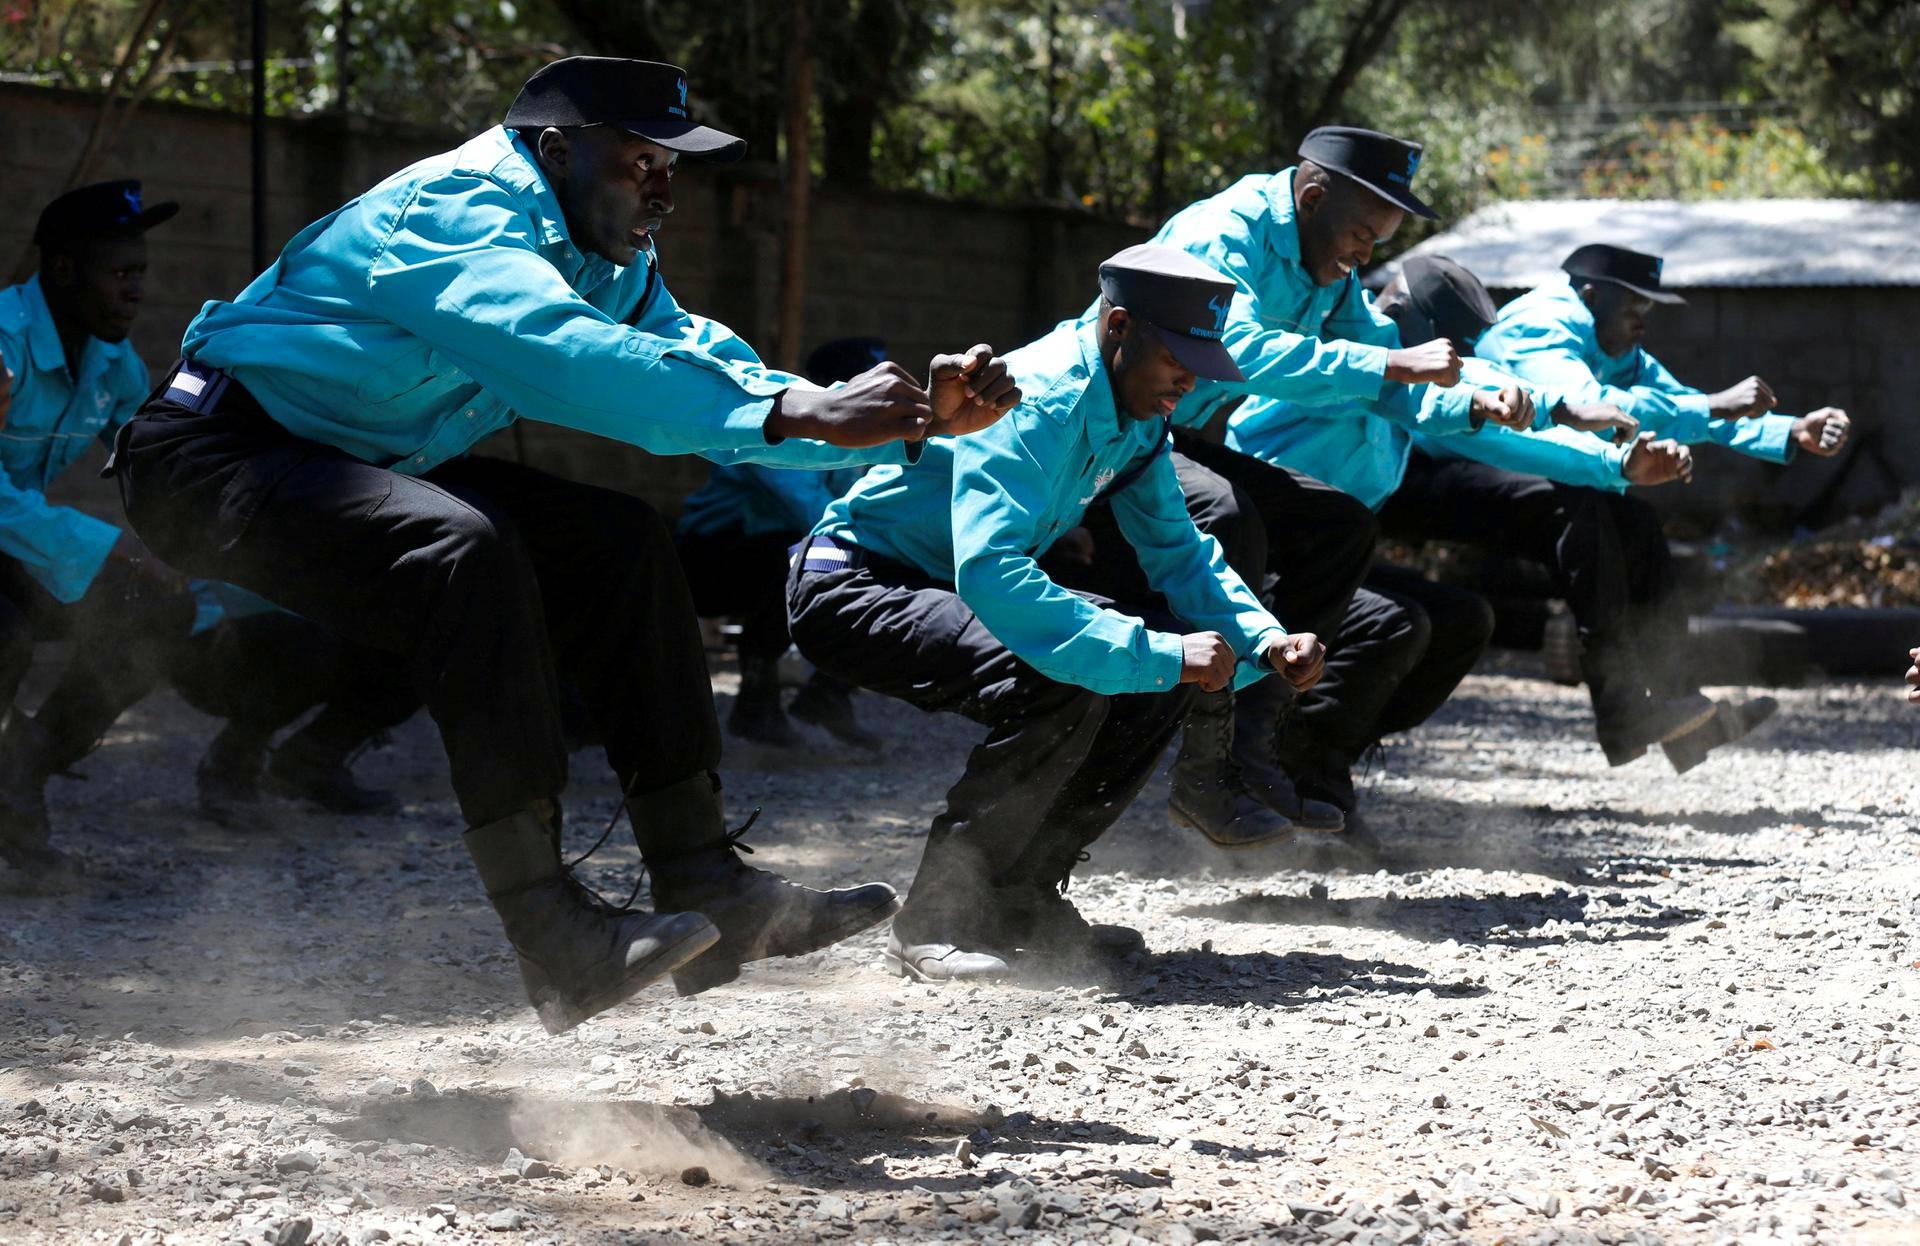 Kenialaiset turvamiehet harjoittelivat Nairobissa.